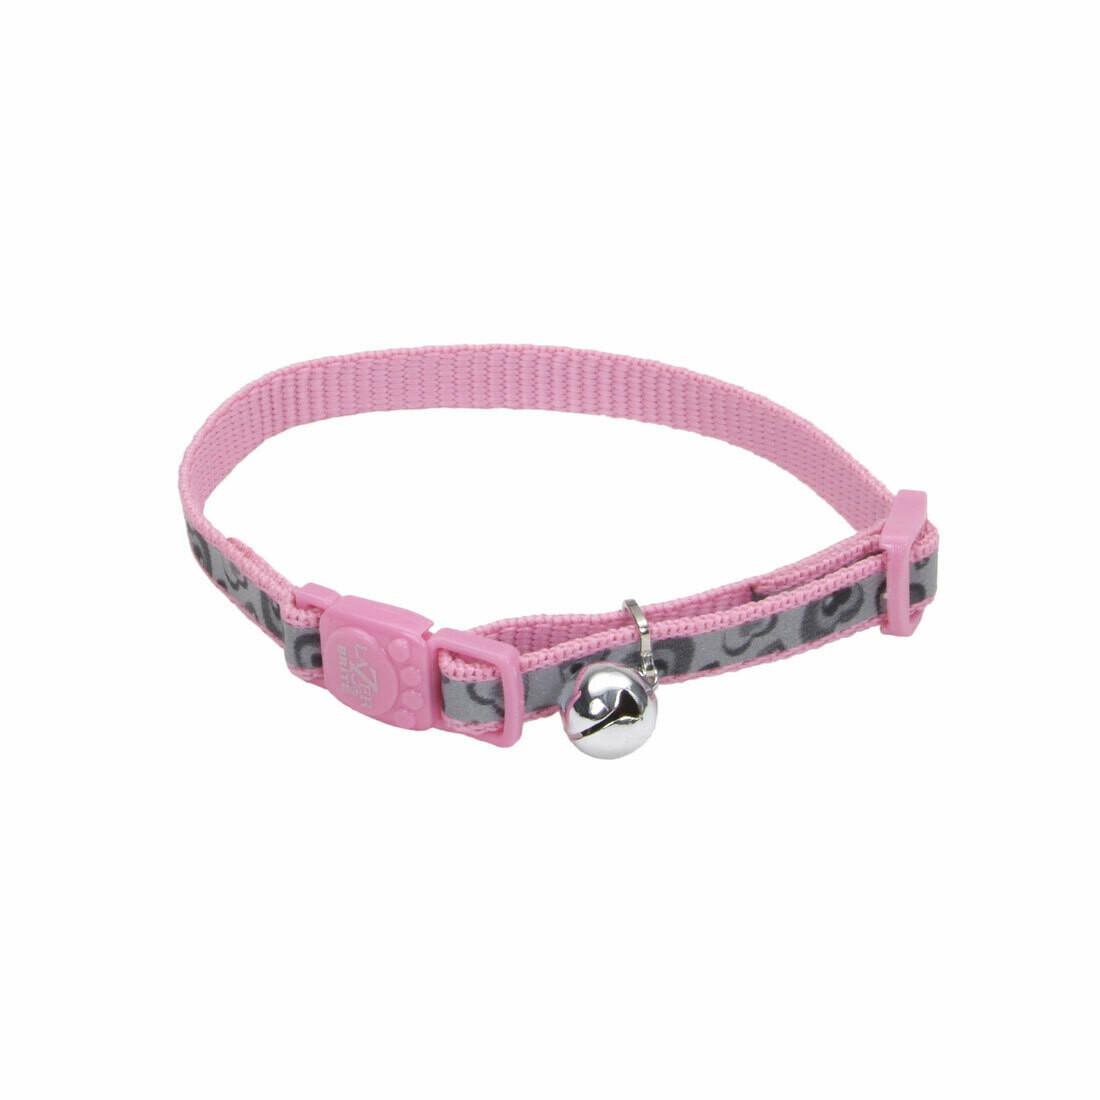 Lazer Brite Cat Collar - Pink Hearts